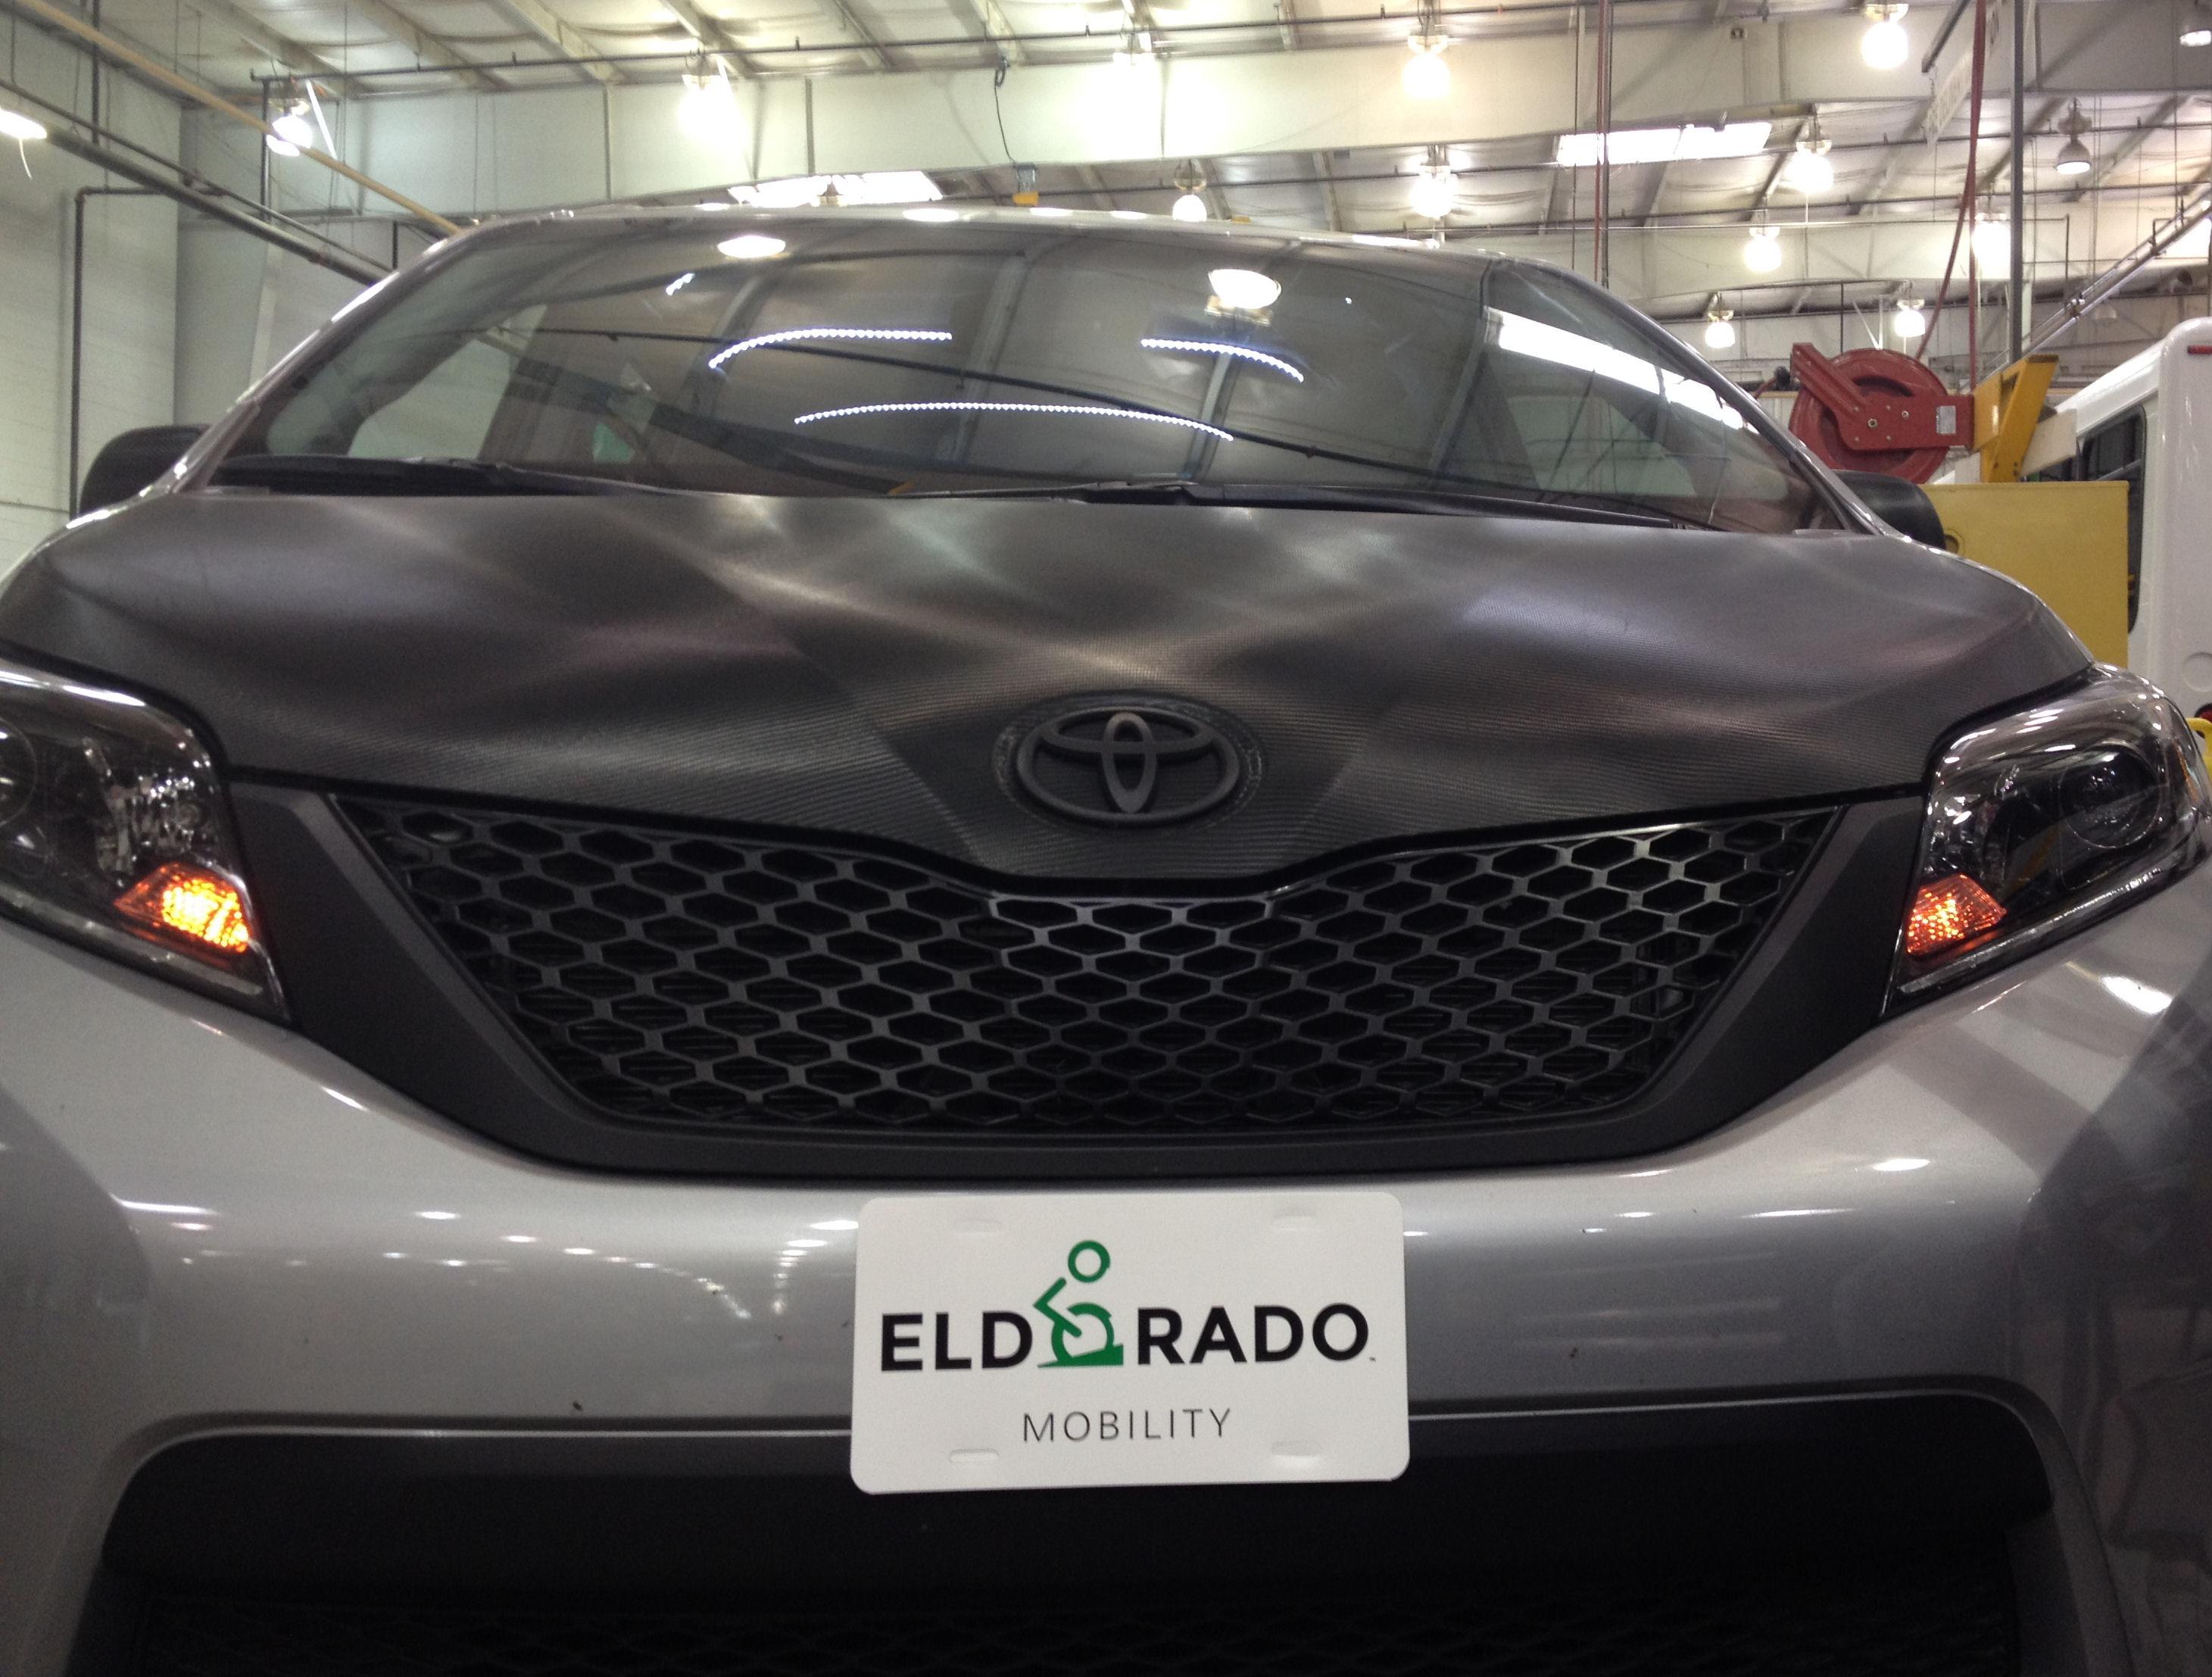 eldorado mobility 02